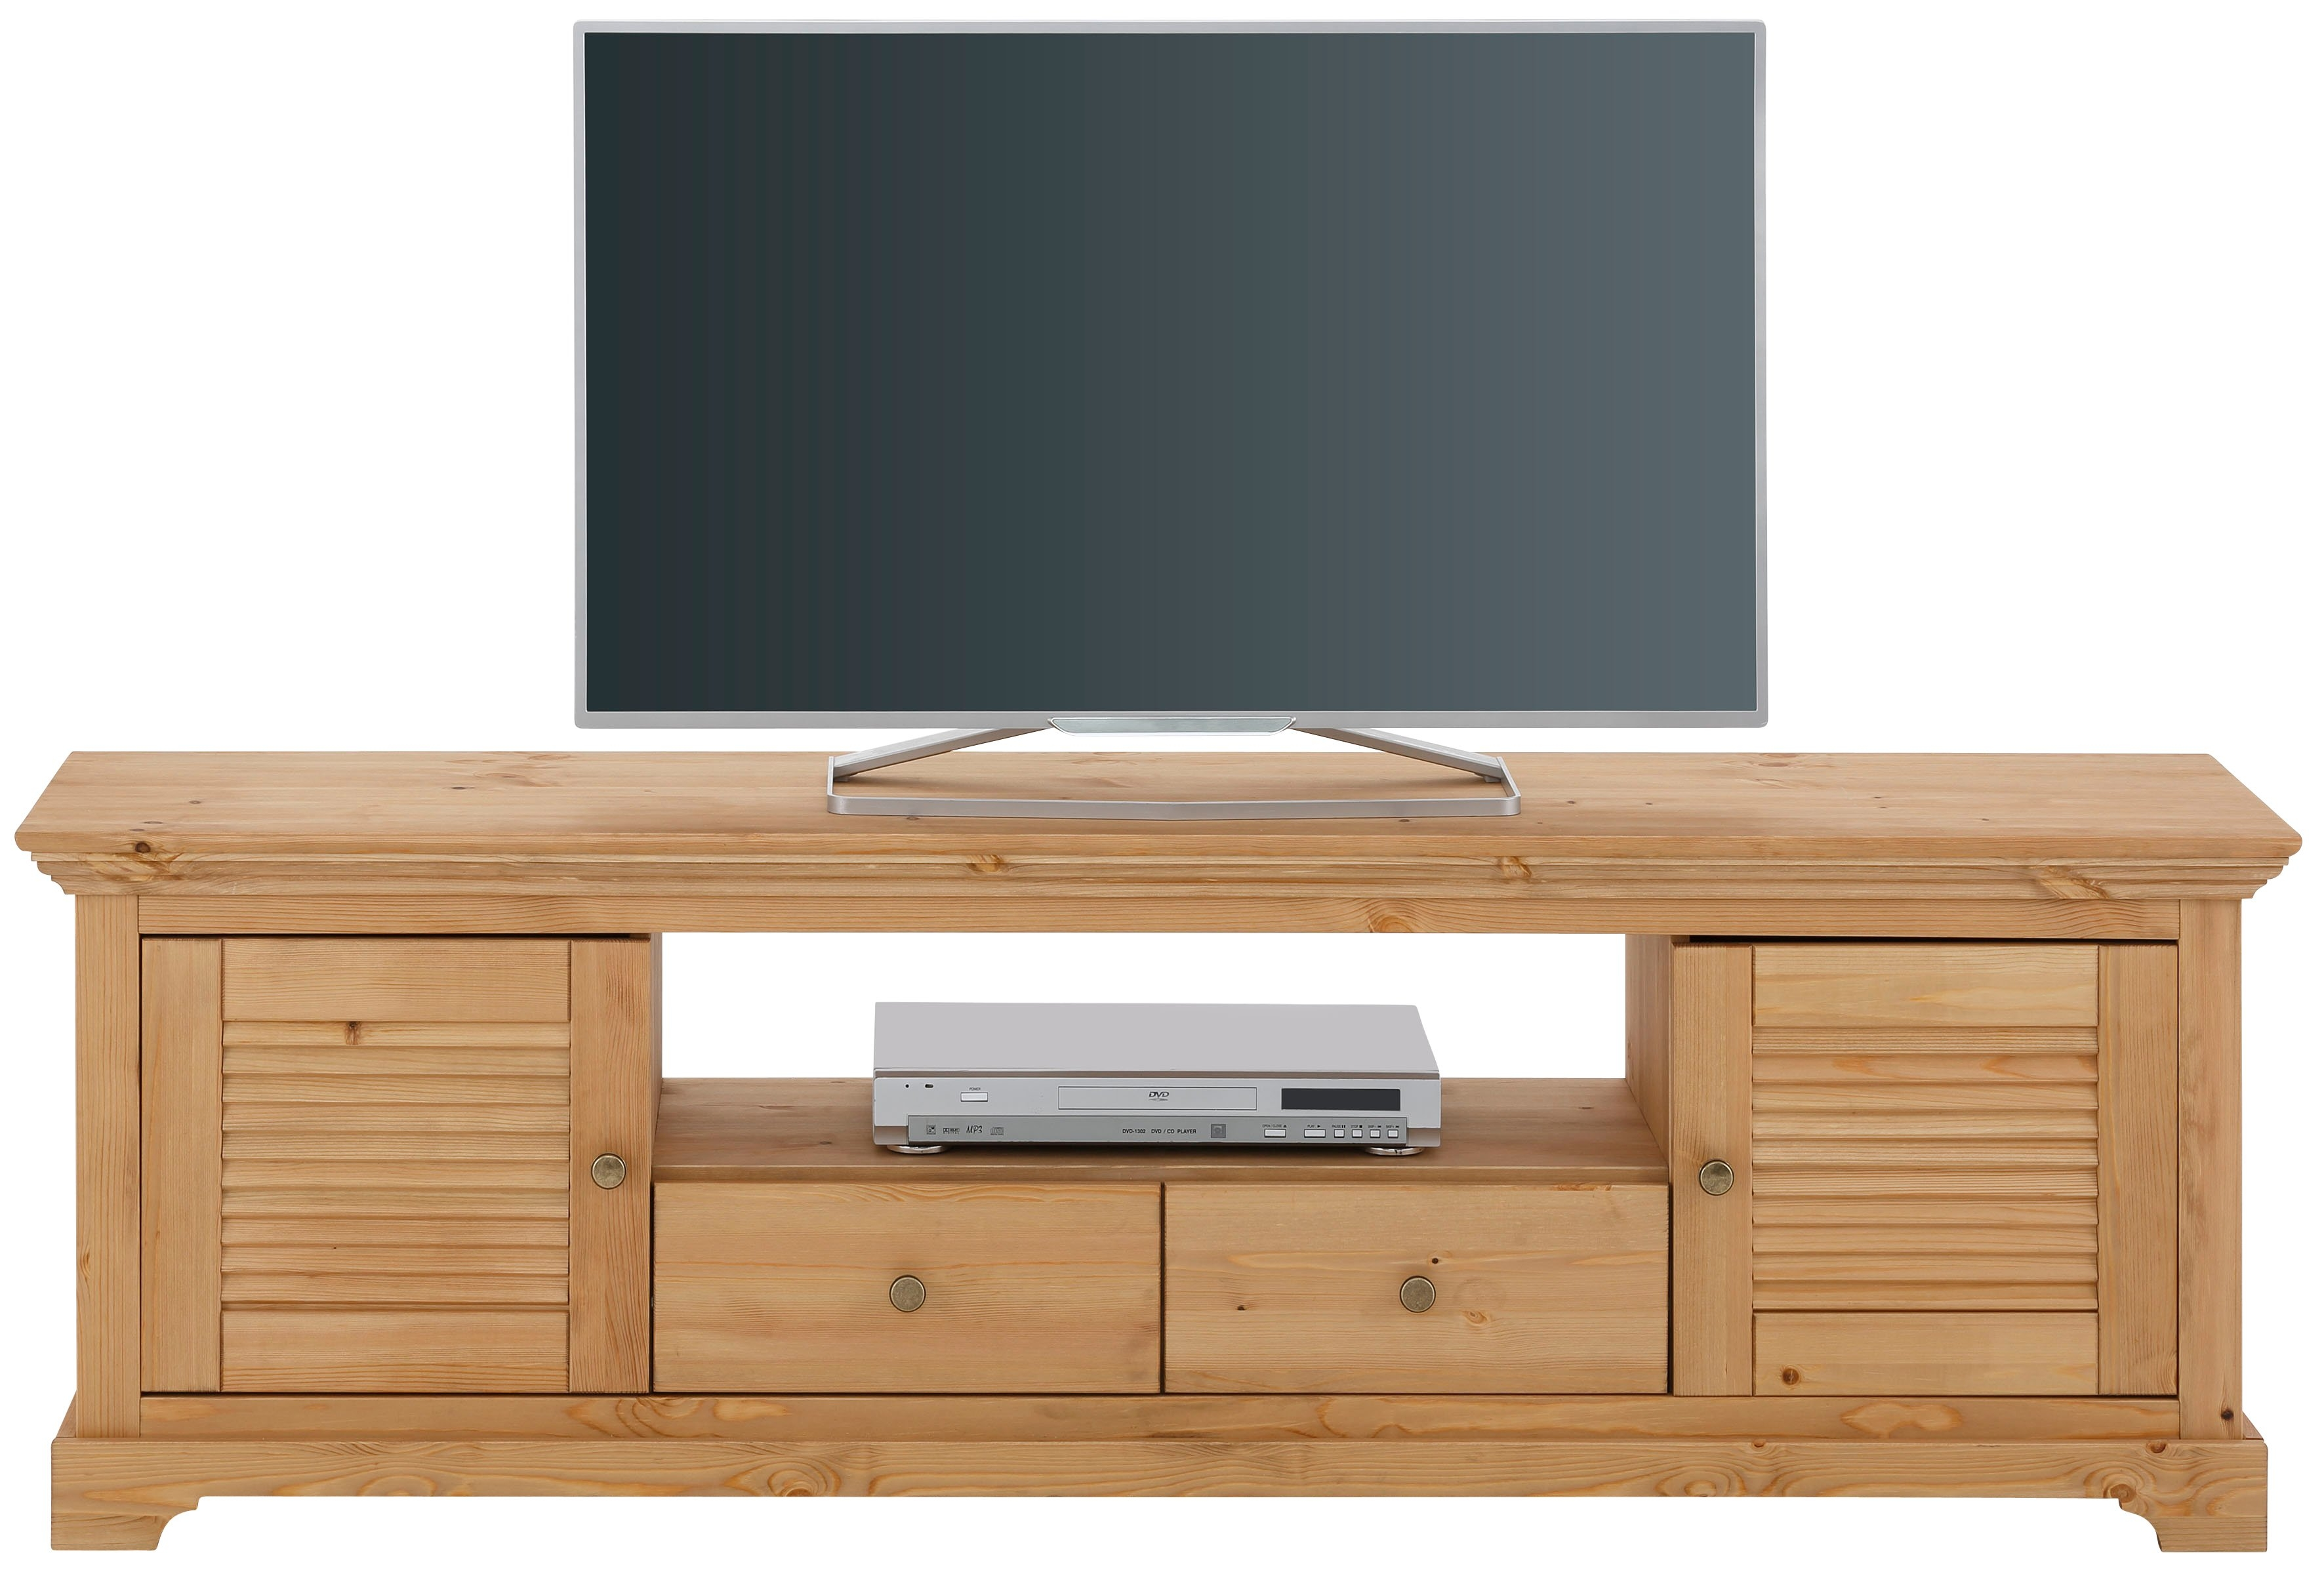 Home affaire tv-meubel Ayanna Breedte 171 cm. voordelig en veilig online kopen